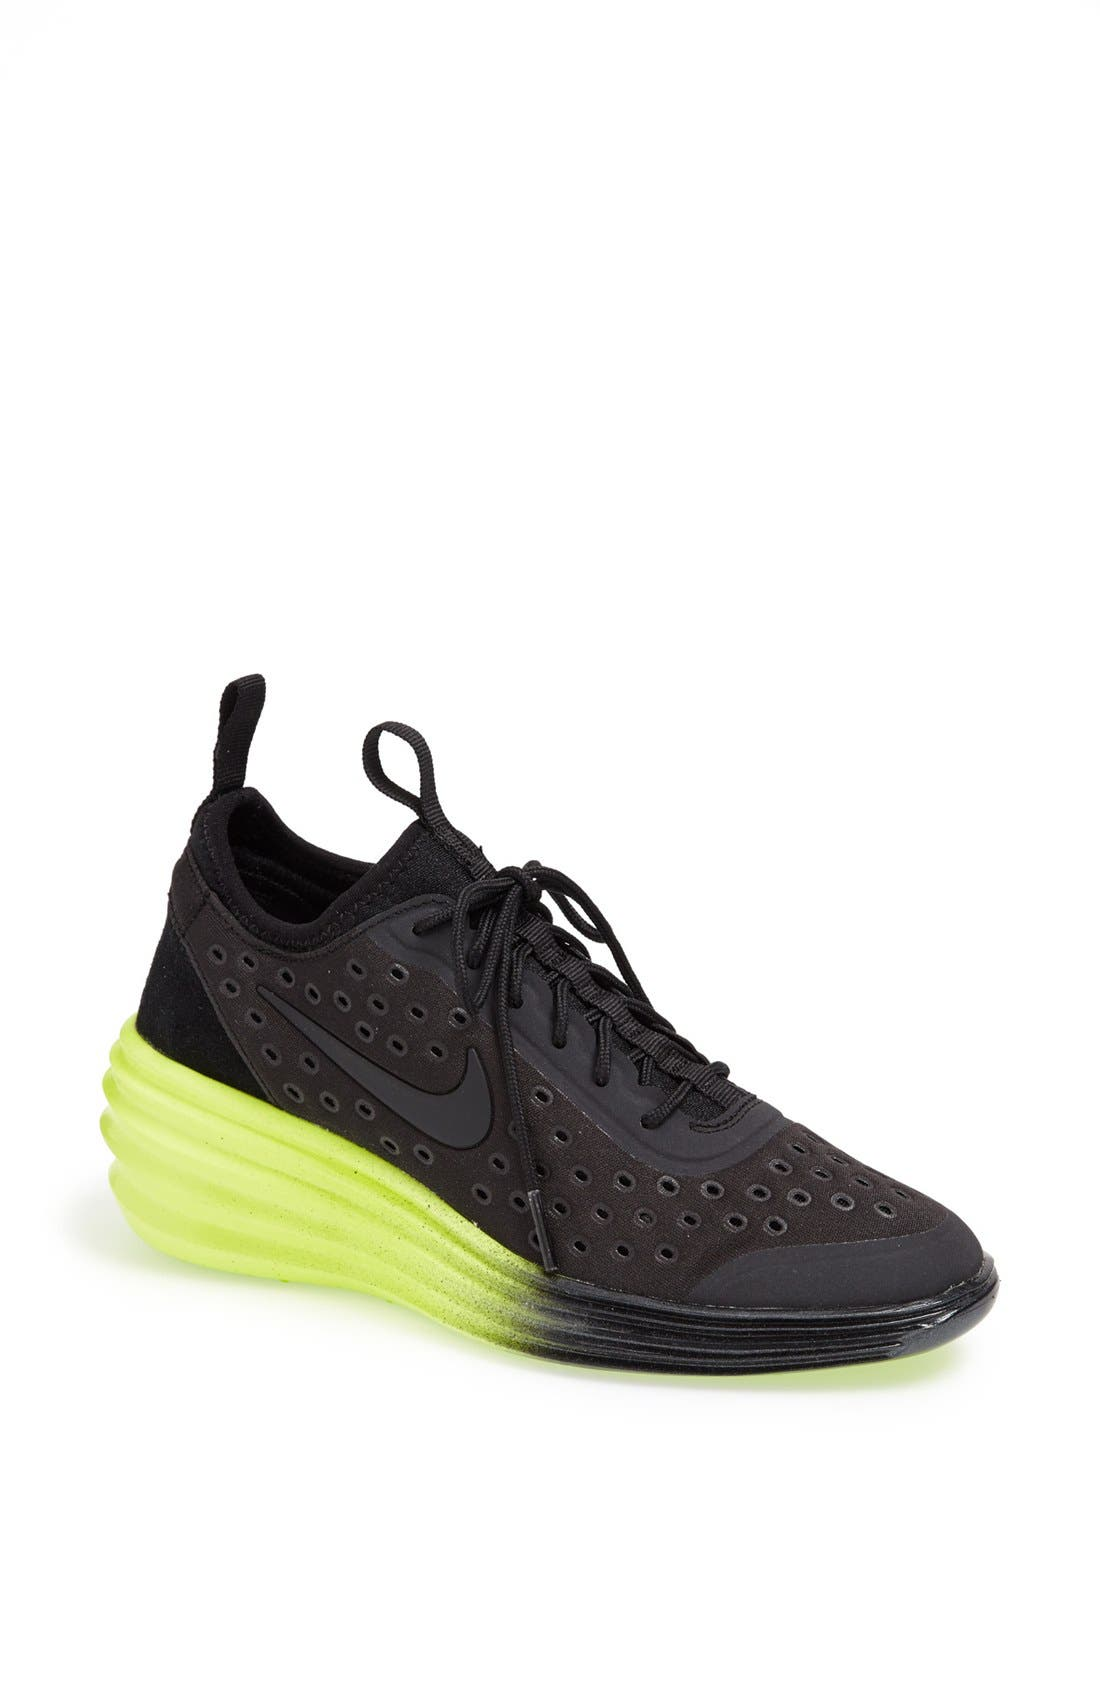 Alternate Image 1 Selected - Nike 'Lunarelite Sky Hi' Sneaker (Women)